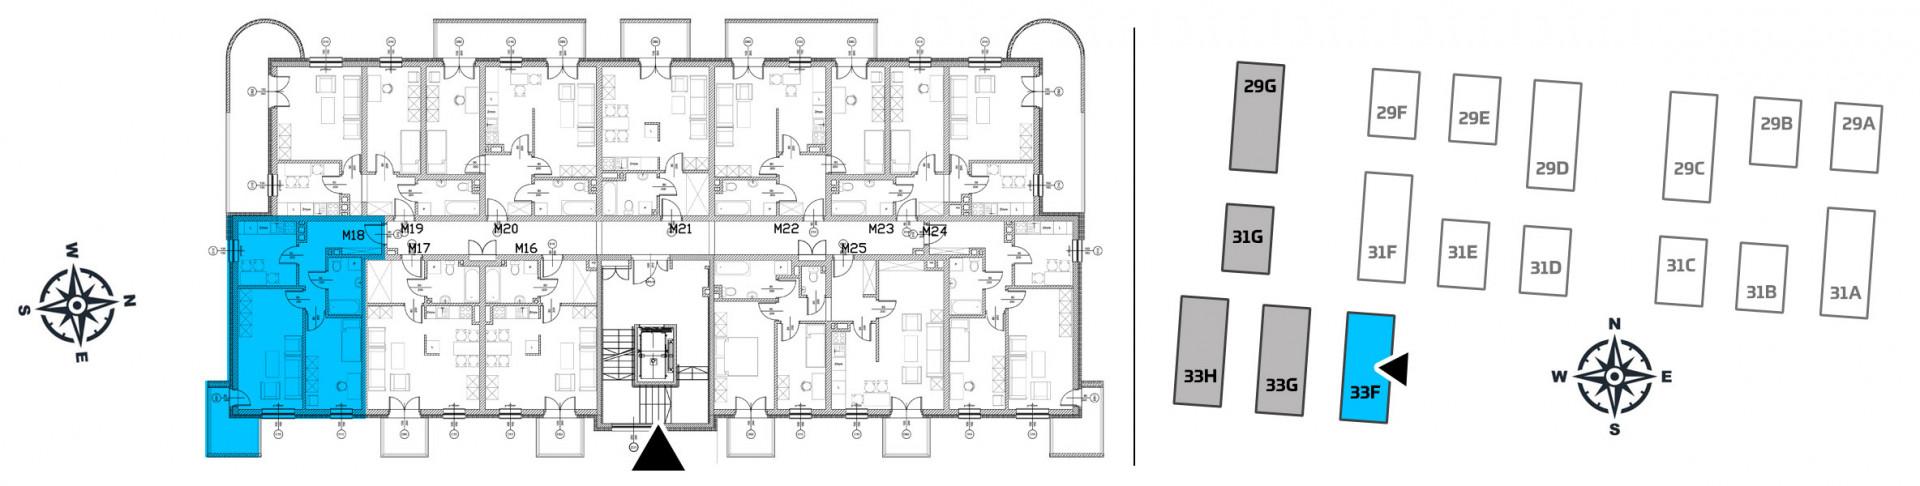 Mieszkanie dwupokojowe 33F/18 rzut 2